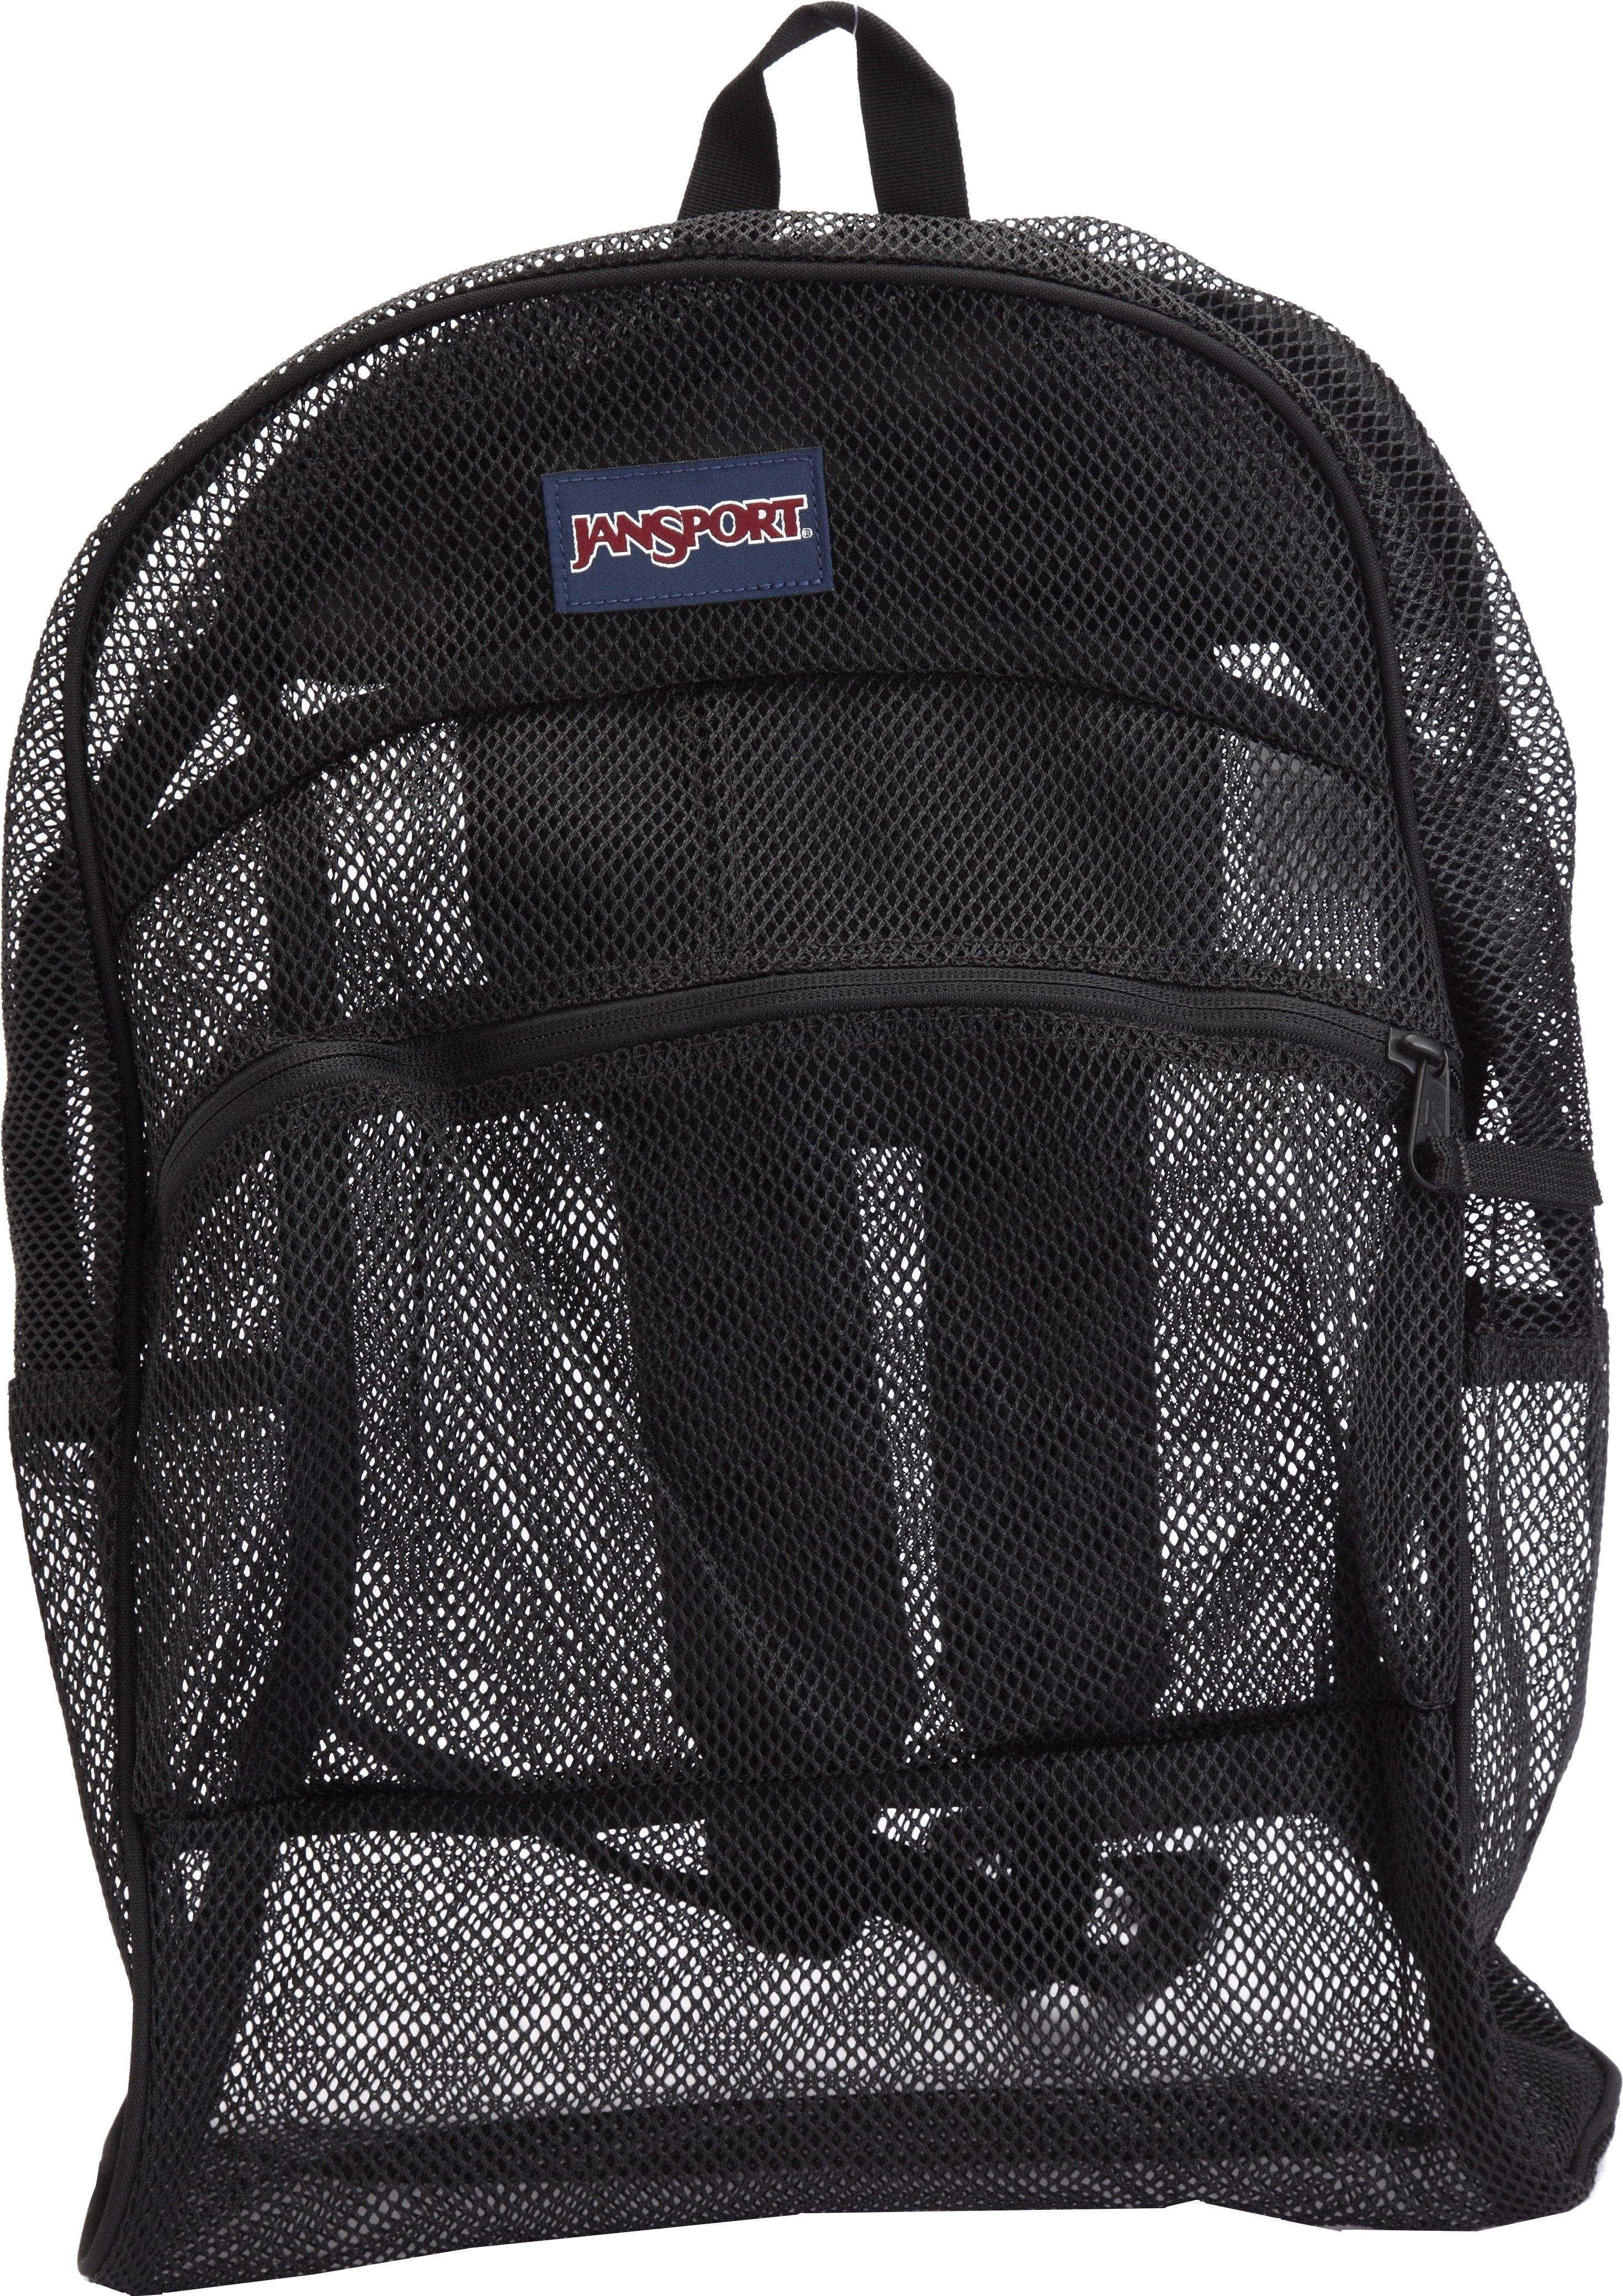 Jansport Mesh Pack 32 L Backpack Black